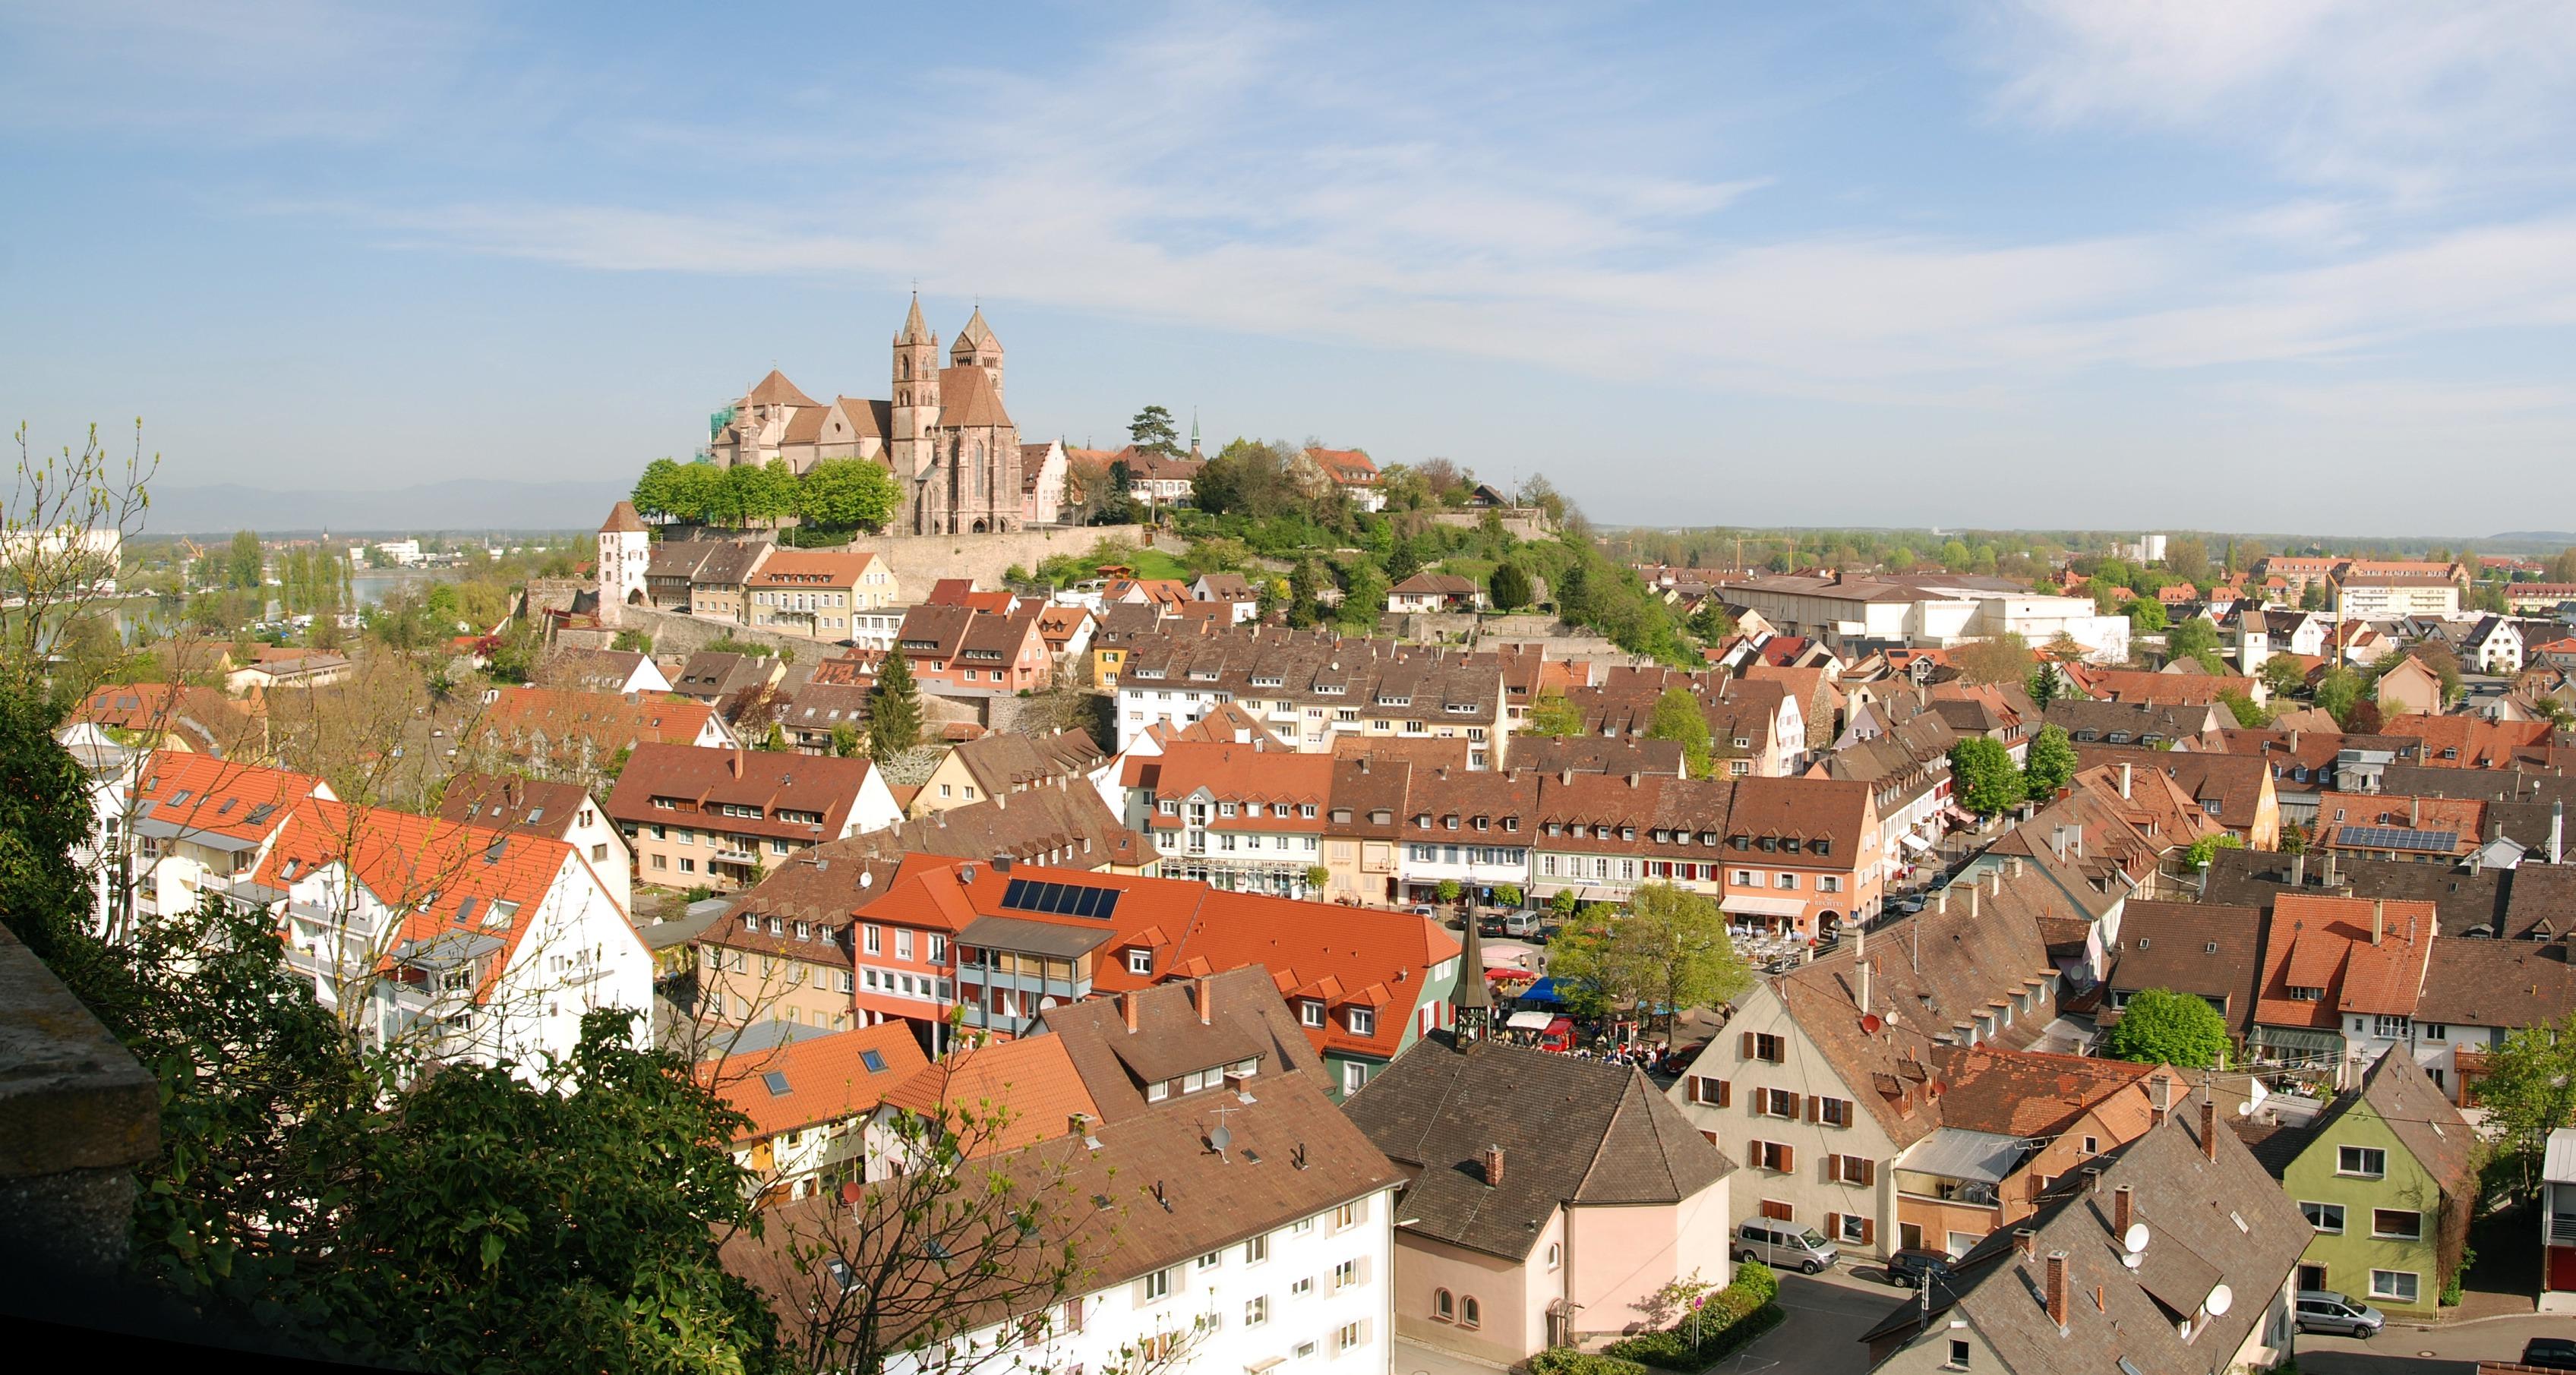 Blick vom Eckartsberg auf Altstadt Breisach mit Münster